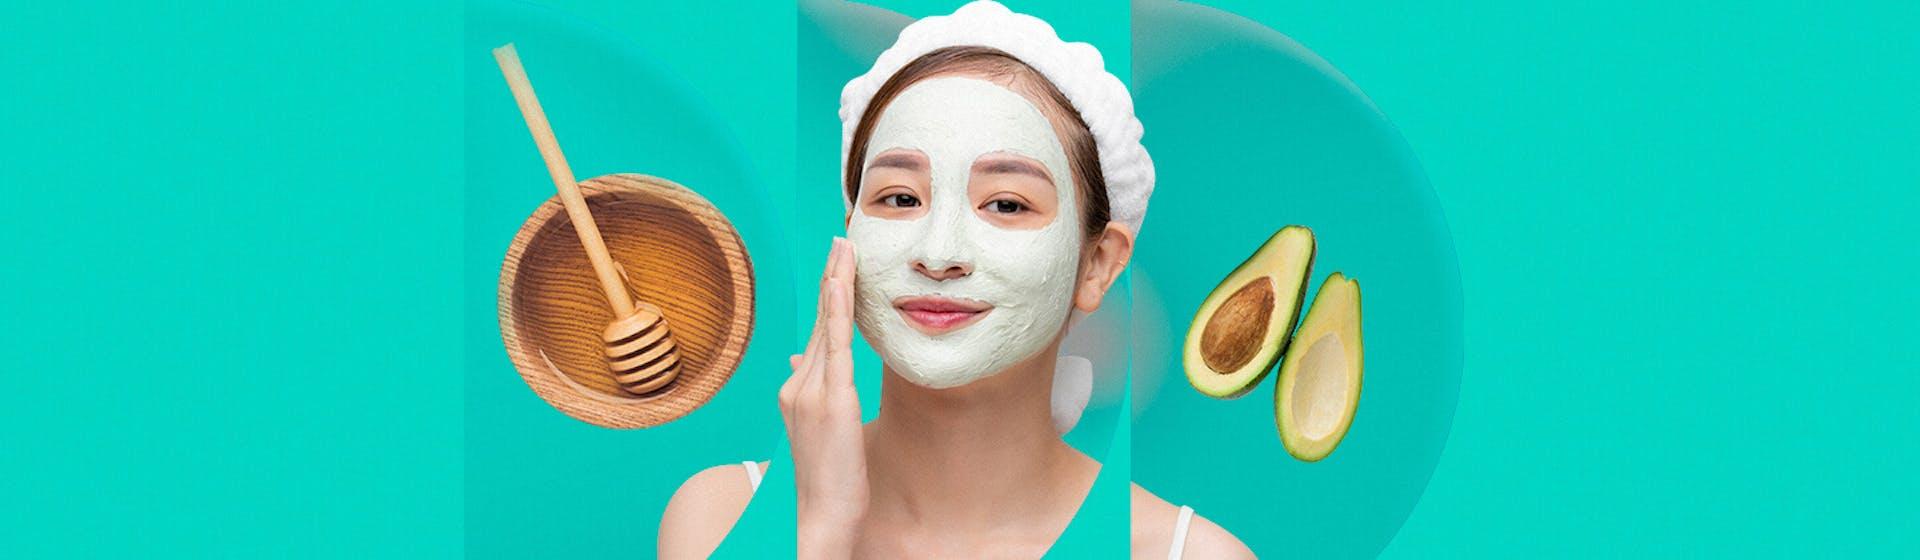 15 Mascarillas faciales naturales para tener una piel radiante